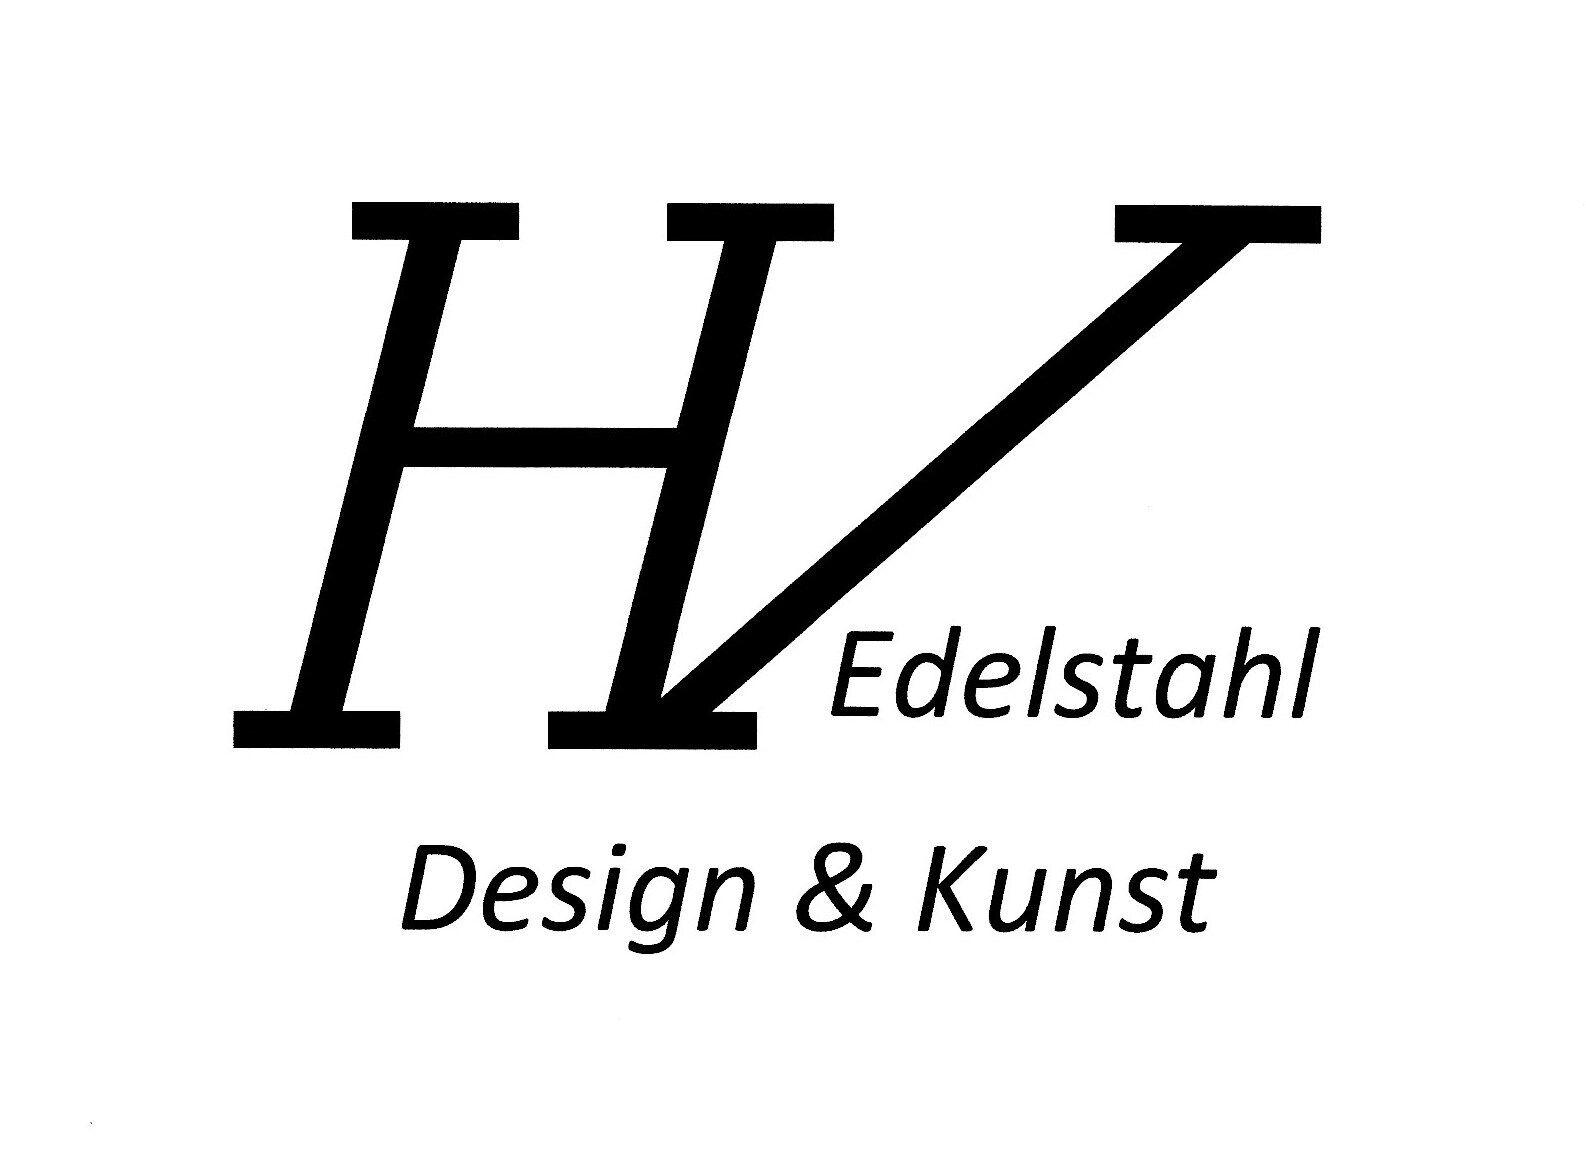 HV Edelstahl